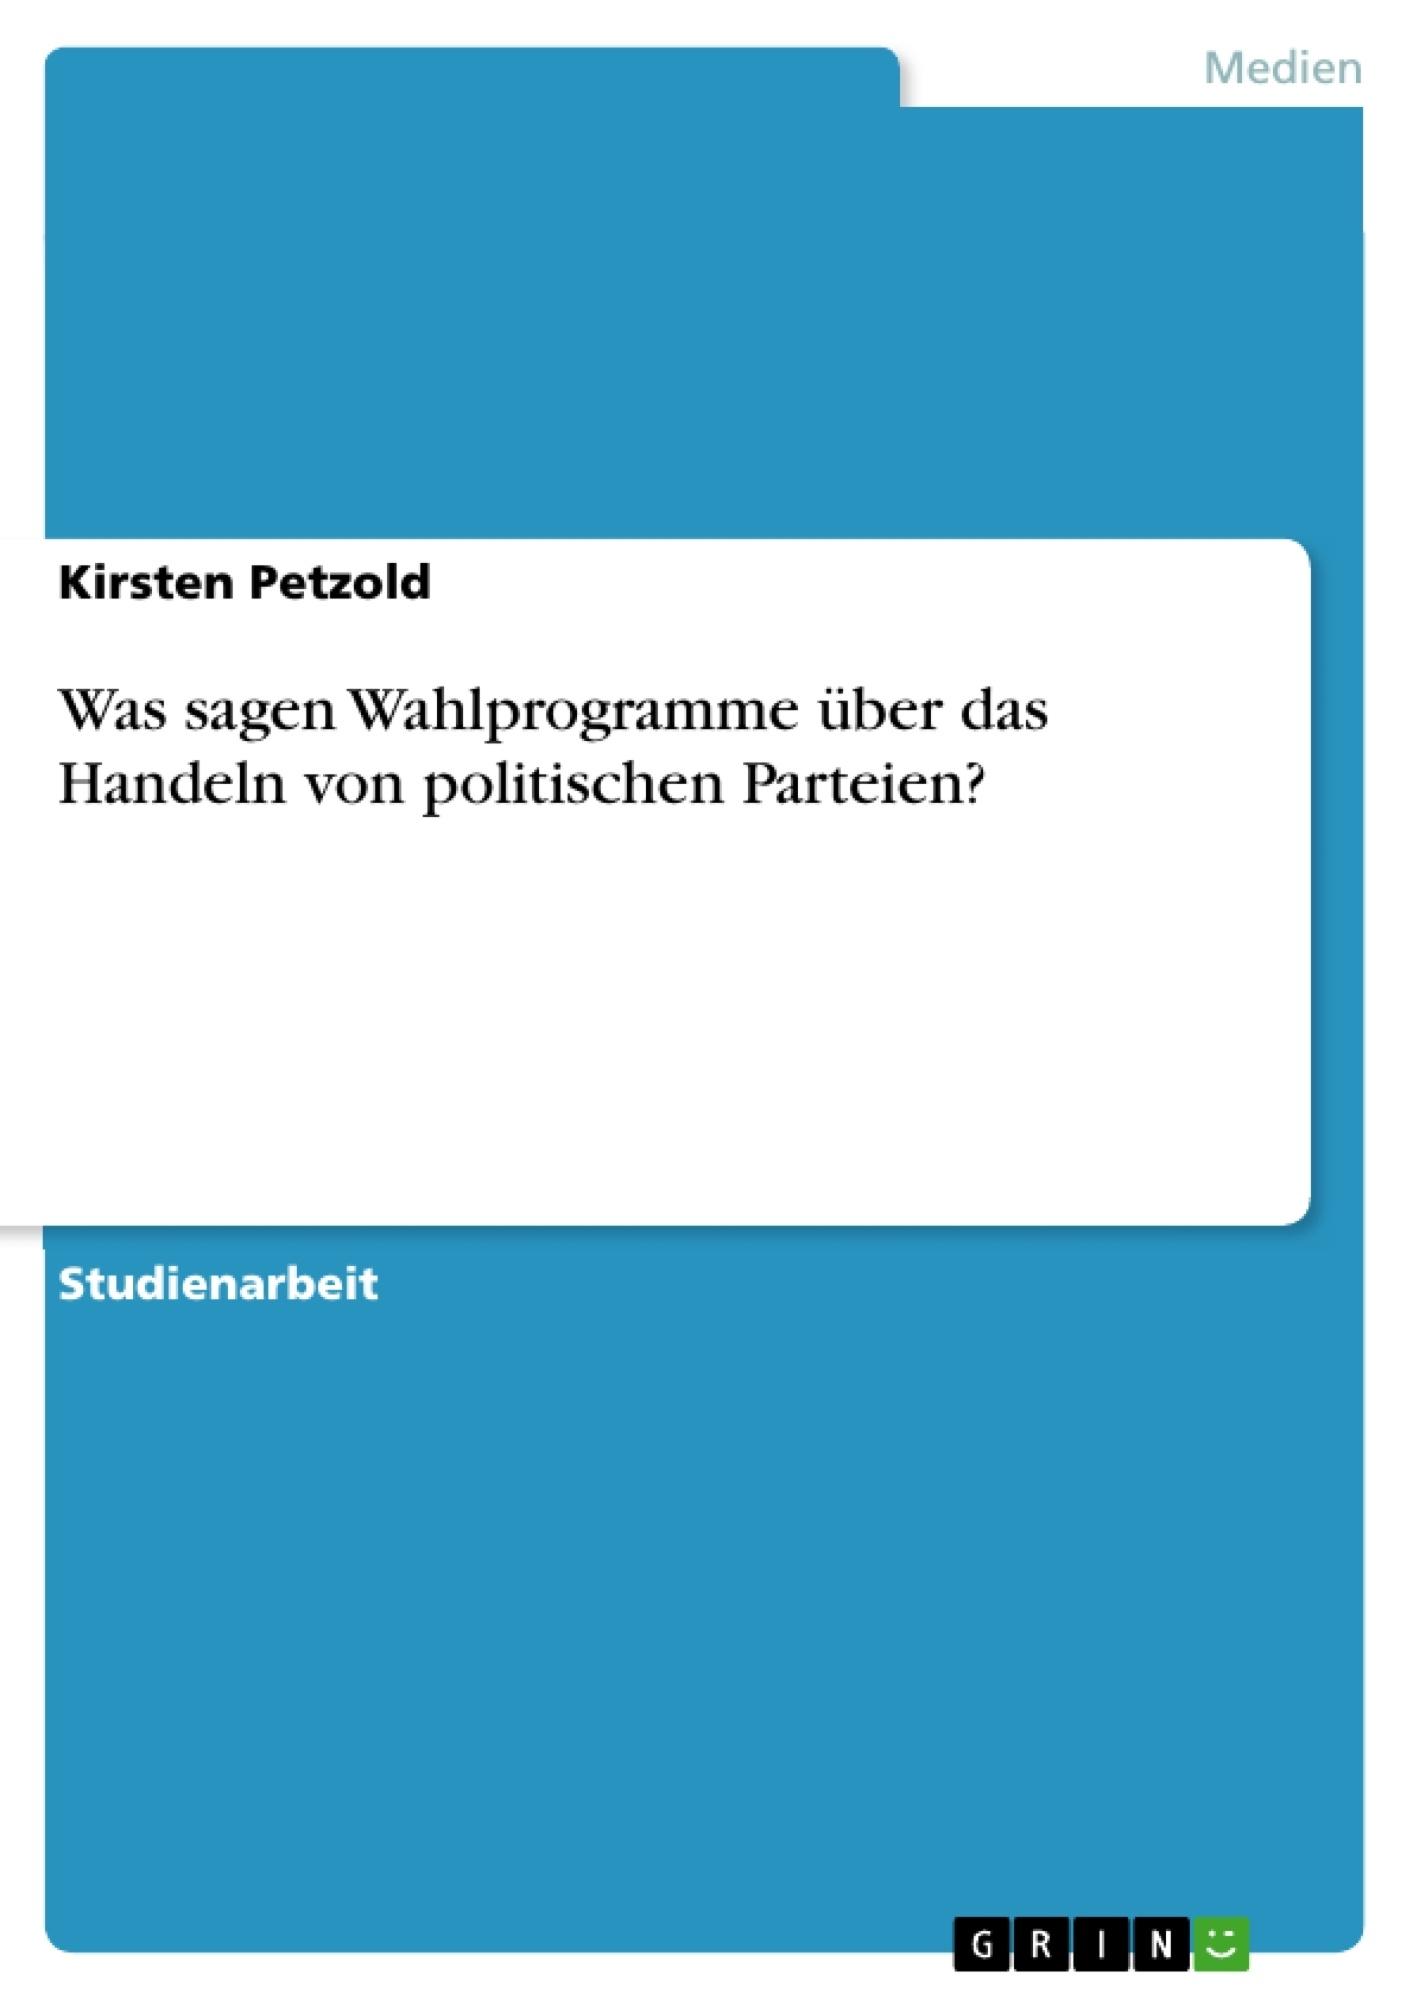 Titel: Was sagen Wahlprogramme über das Handeln von politischen Parteien?